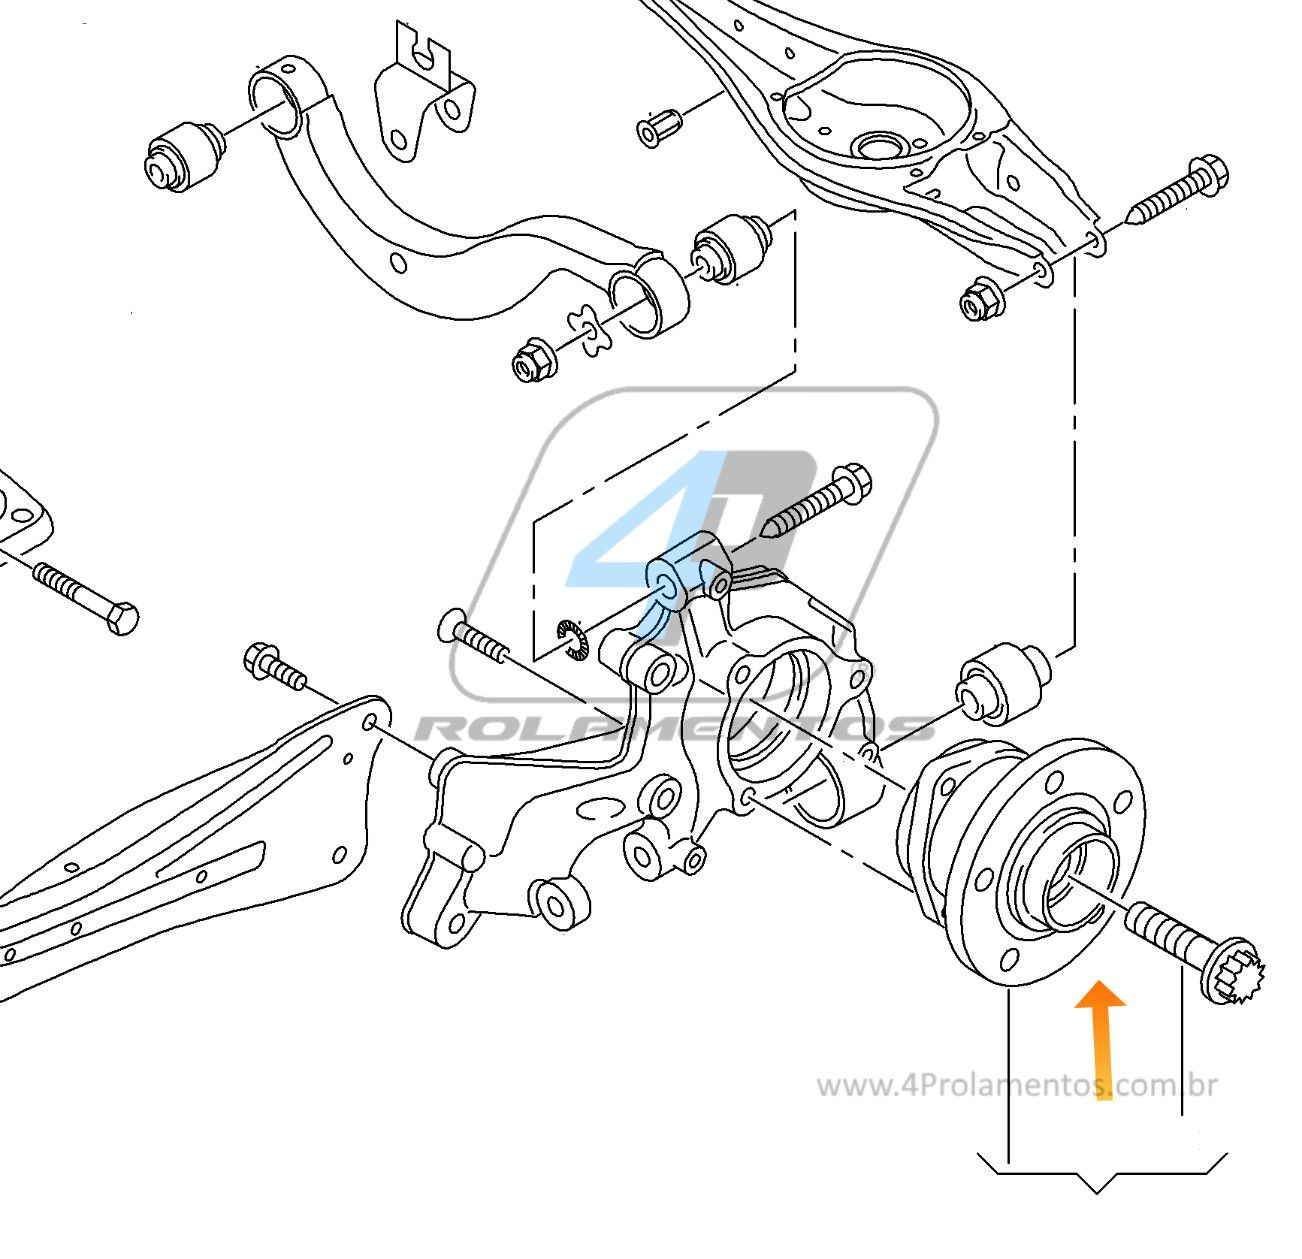 Cubo de Roda Traseira VW Passat Variant (4motion), AWD, 2015 até 2017, com ABS